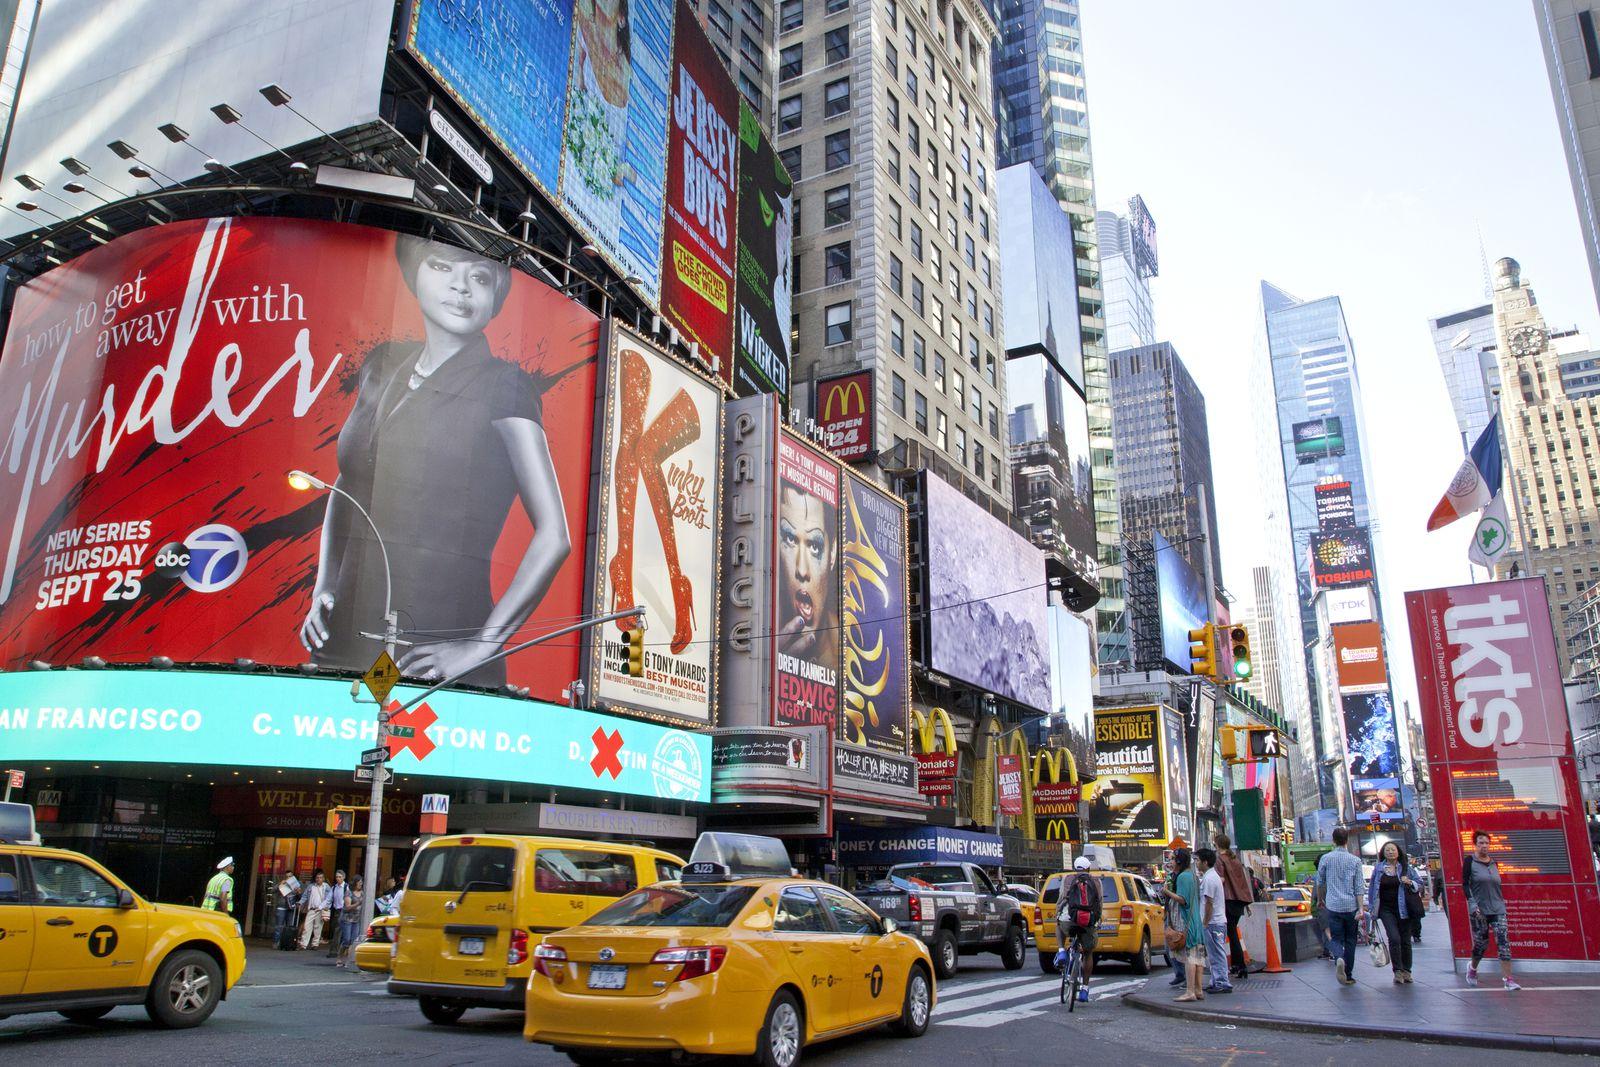 """【NYエリア別】マンハッタン""""ミッドタウン・ウエスト""""の名所を巡るモデルコースをご紹介                このまとめ記事の目次"""